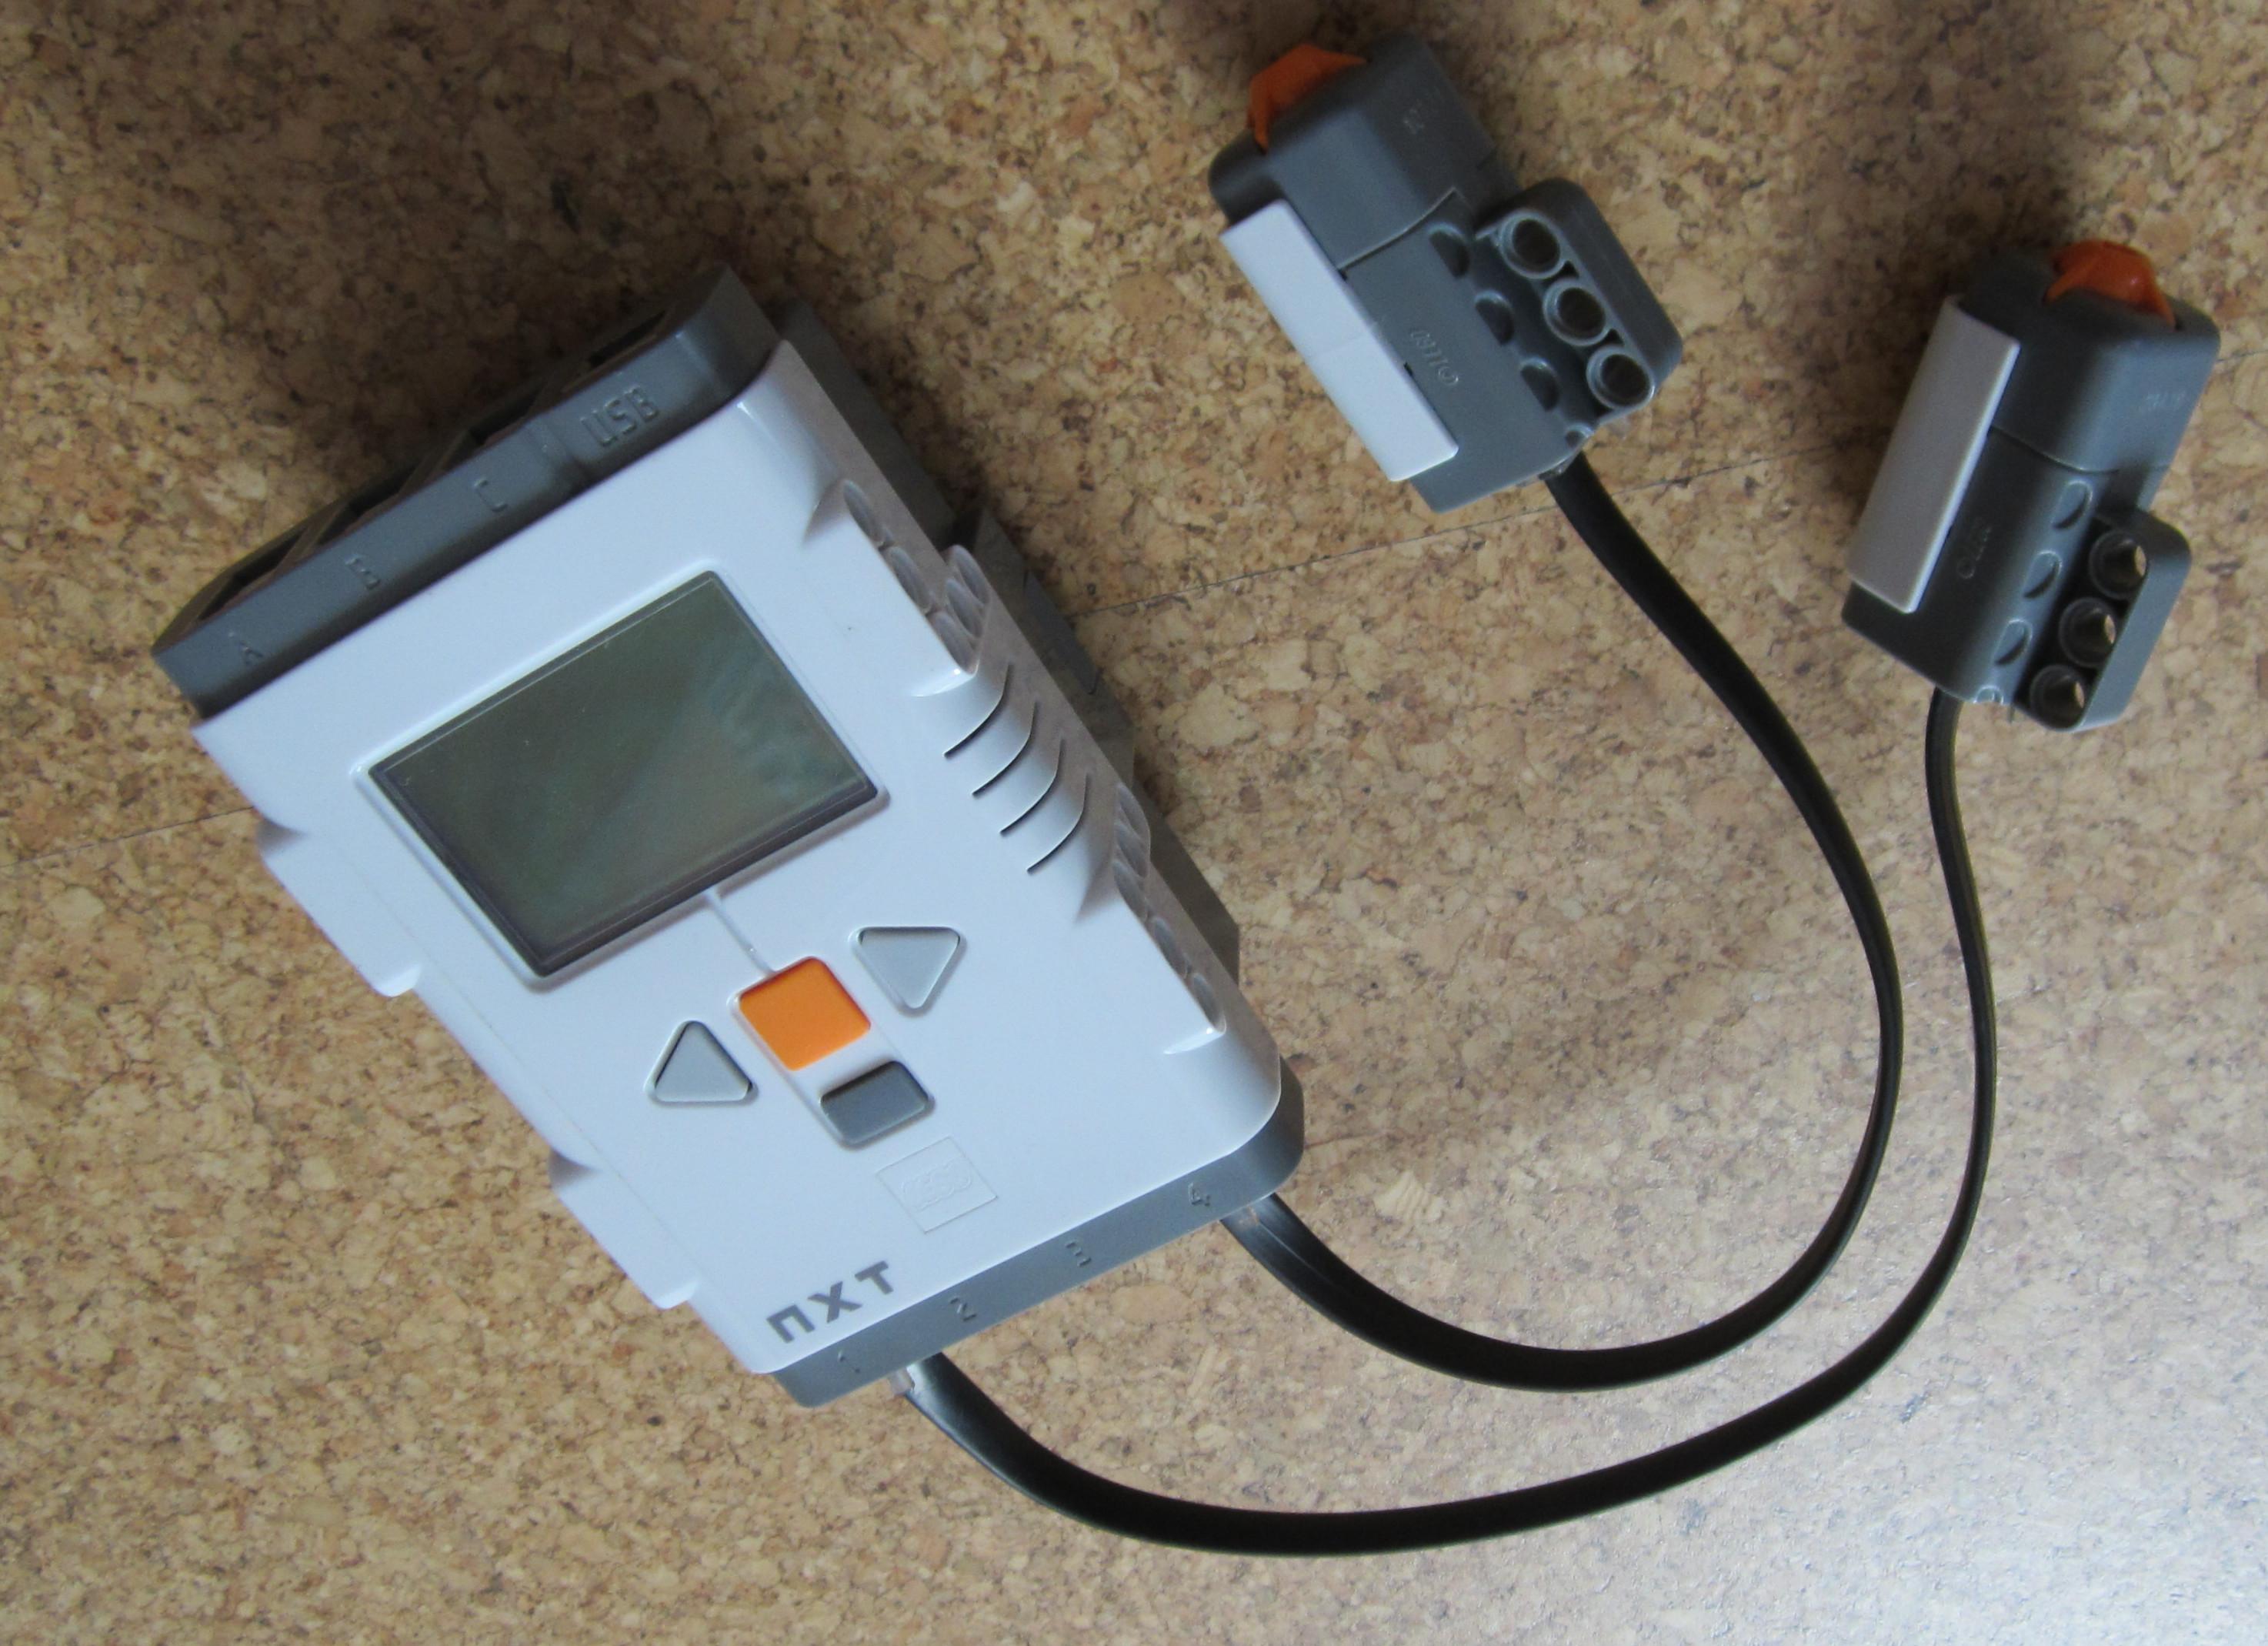 NXT-Baustein mit zwei angeschlossenenTastsensoren